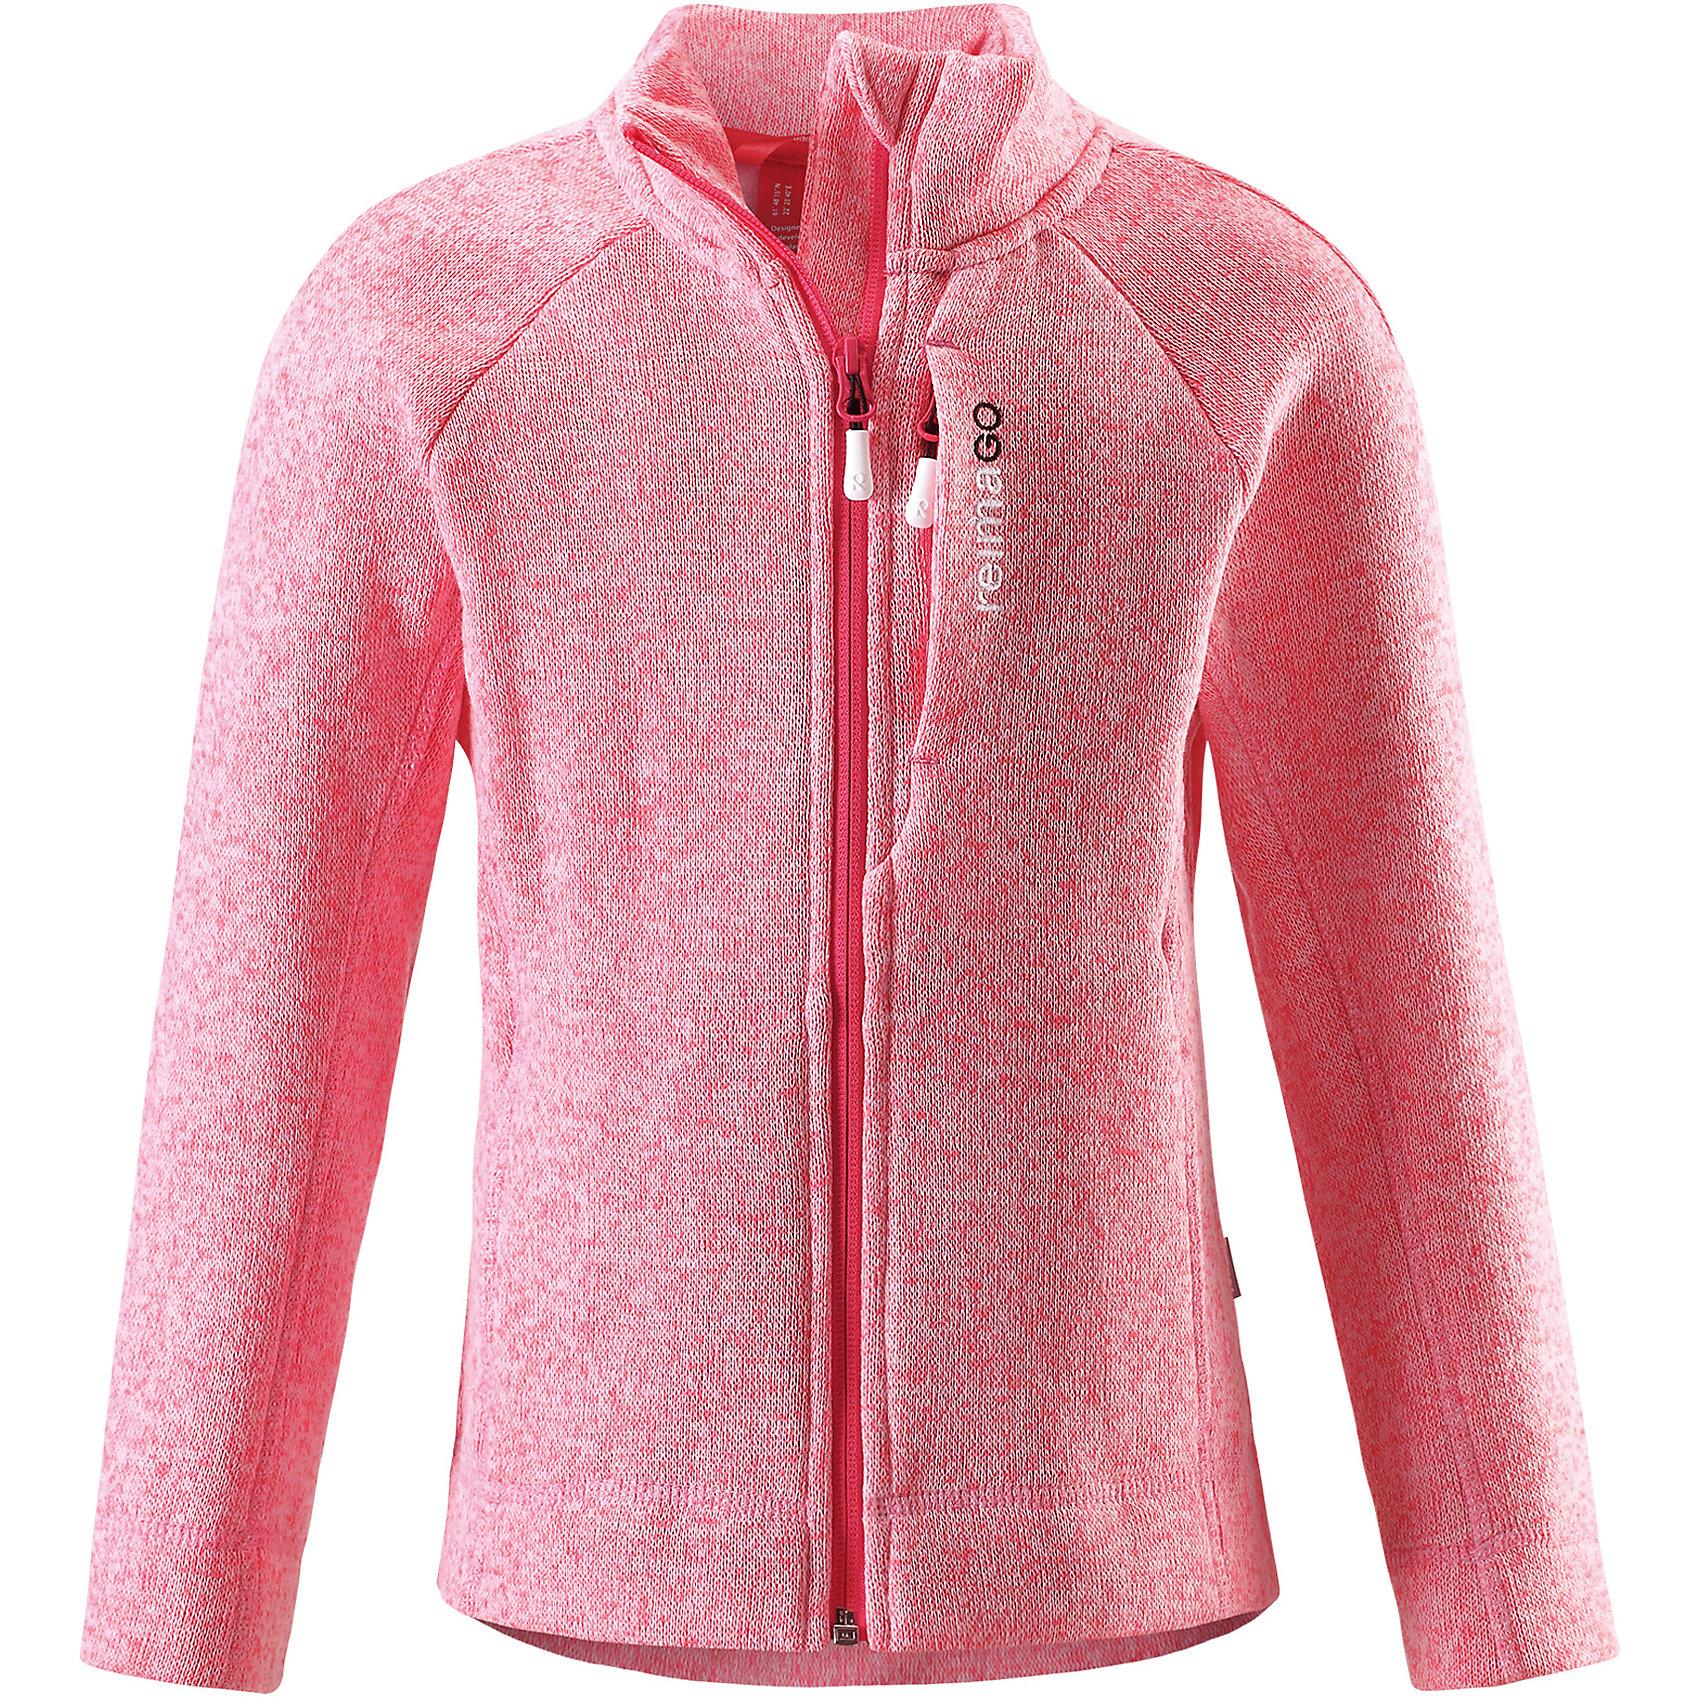 Толстовка Reimari флисовая для девочки ReimaОдежда<br>Характеристики товара:<br><br>• цвет: розовый<br>• состав: 100% полиэстер<br>• карман с разъёмом для датчика ReimaGO®<br>• мягкий вязаный меланжевый флис<br>• выглядит как кофта, но имеет все преимущества флиса<br>• молния во всю длину со вставкой для защиты подбородка<br>• приятная на ощупь ткань<br>• два боковых кармана<br>• комфортная посадка<br>• страна производства: Китай<br>• страна бренда: Финляндия<br>• коллекция: весна-лето 2017<br><br>Одежда для детей может быть модной и комфортной одновременно! Удобная курточка поможет обеспечить ребенку комфорт и тепло. Изделие сшито из флиса - мягкого и теплого материала, приятного на ощупь. Модель стильно смотрится, отлично сочетается с различным низом. Стильный дизайн разрабатывался специально для детей.<br><br>Одежда и обувь от финского бренда Reima пользуется популярностью во многих странах. Эти изделия стильные, качественные и удобные. Для производства продукции используются только безопасные, проверенные материалы и фурнитура. Порадуйте ребенка модными и красивыми вещами от Reima! <br><br>Куртку флисовую для мальчика от финского бренда Reima (Рейма) можно купить в нашем интернет-магазине.<br><br>Ширина мм: 356<br>Глубина мм: 10<br>Высота мм: 245<br>Вес г: 519<br>Цвет: розовый<br>Возраст от месяцев: 120<br>Возраст до месяцев: 132<br>Пол: Женский<br>Возраст: Детский<br>Размер: 146,110,116,122,128,134,140,152,158<br>SKU: 5267421